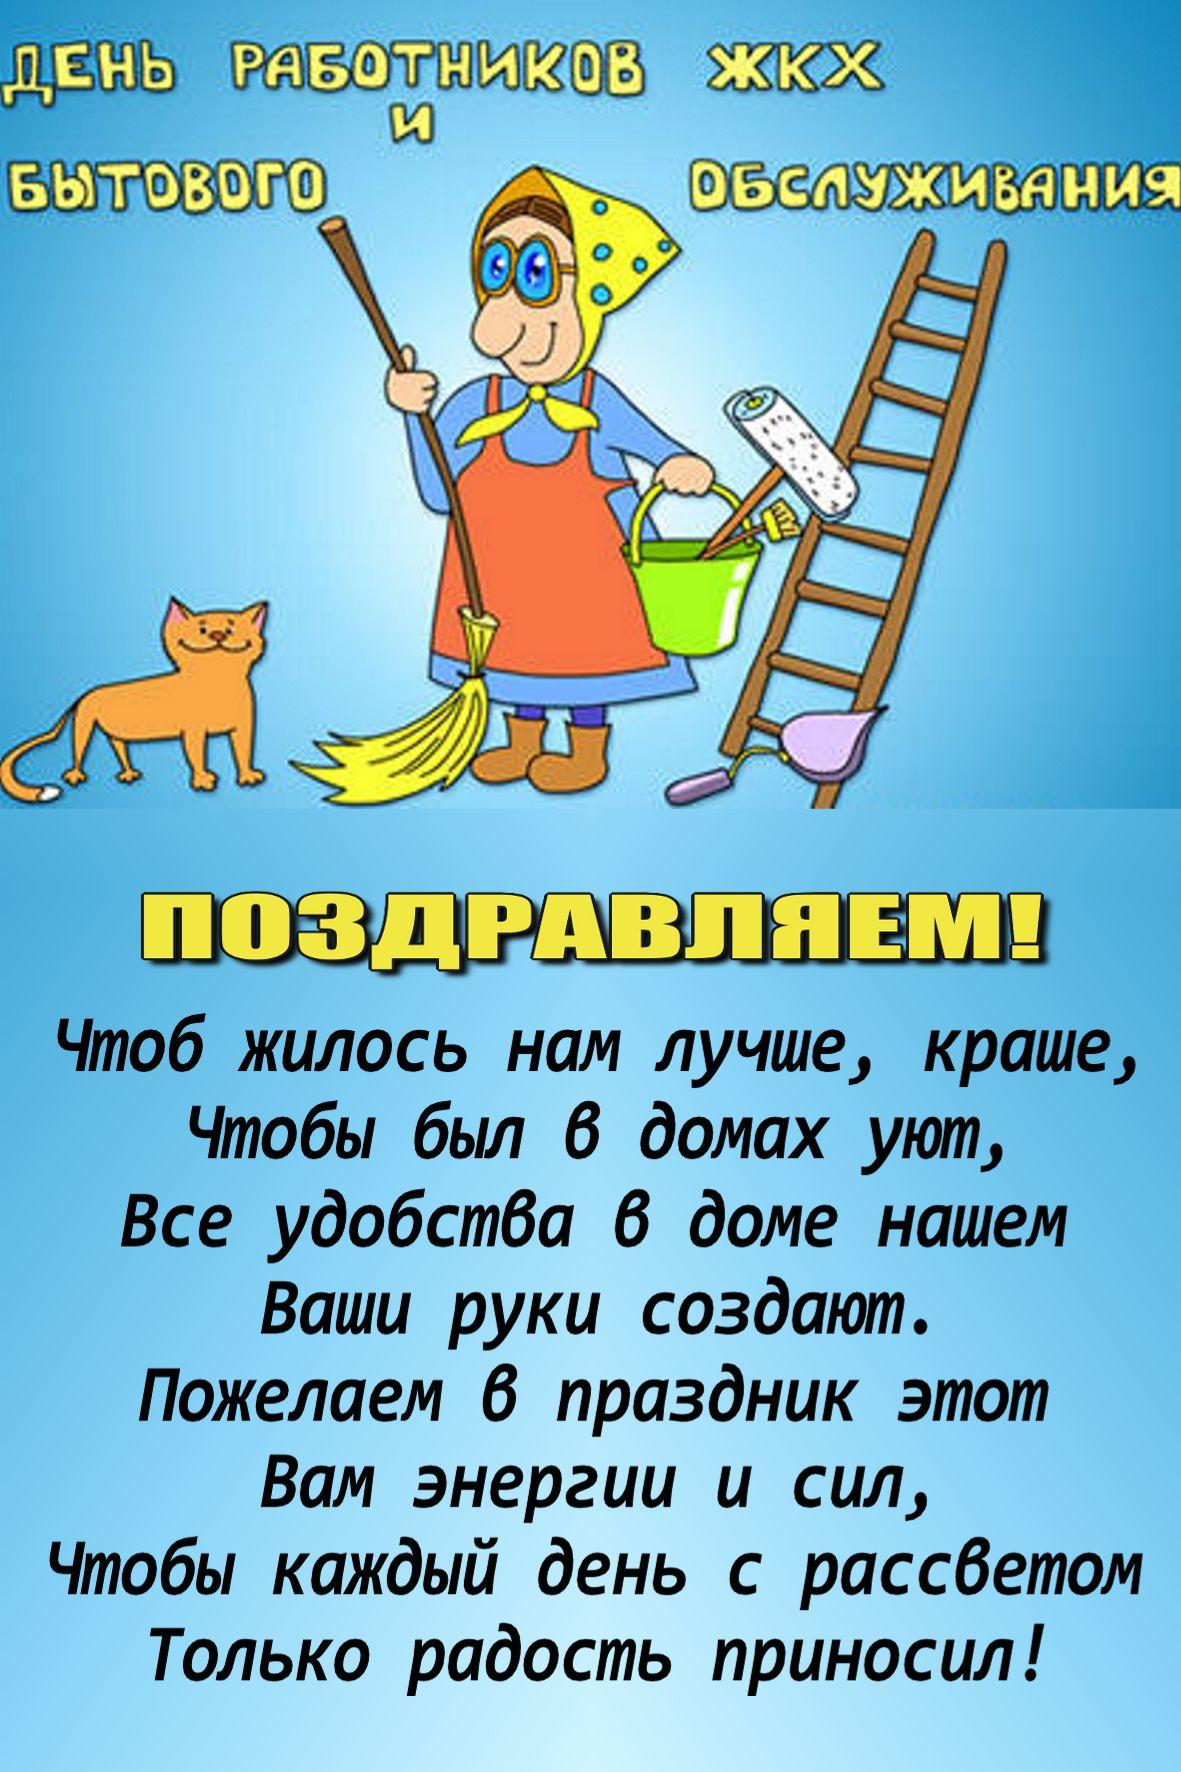 Открытки. День работников ЖКХ и бытового обслуживания! Поздравляем! Стихи открытки фото рисунки картинки поздравления